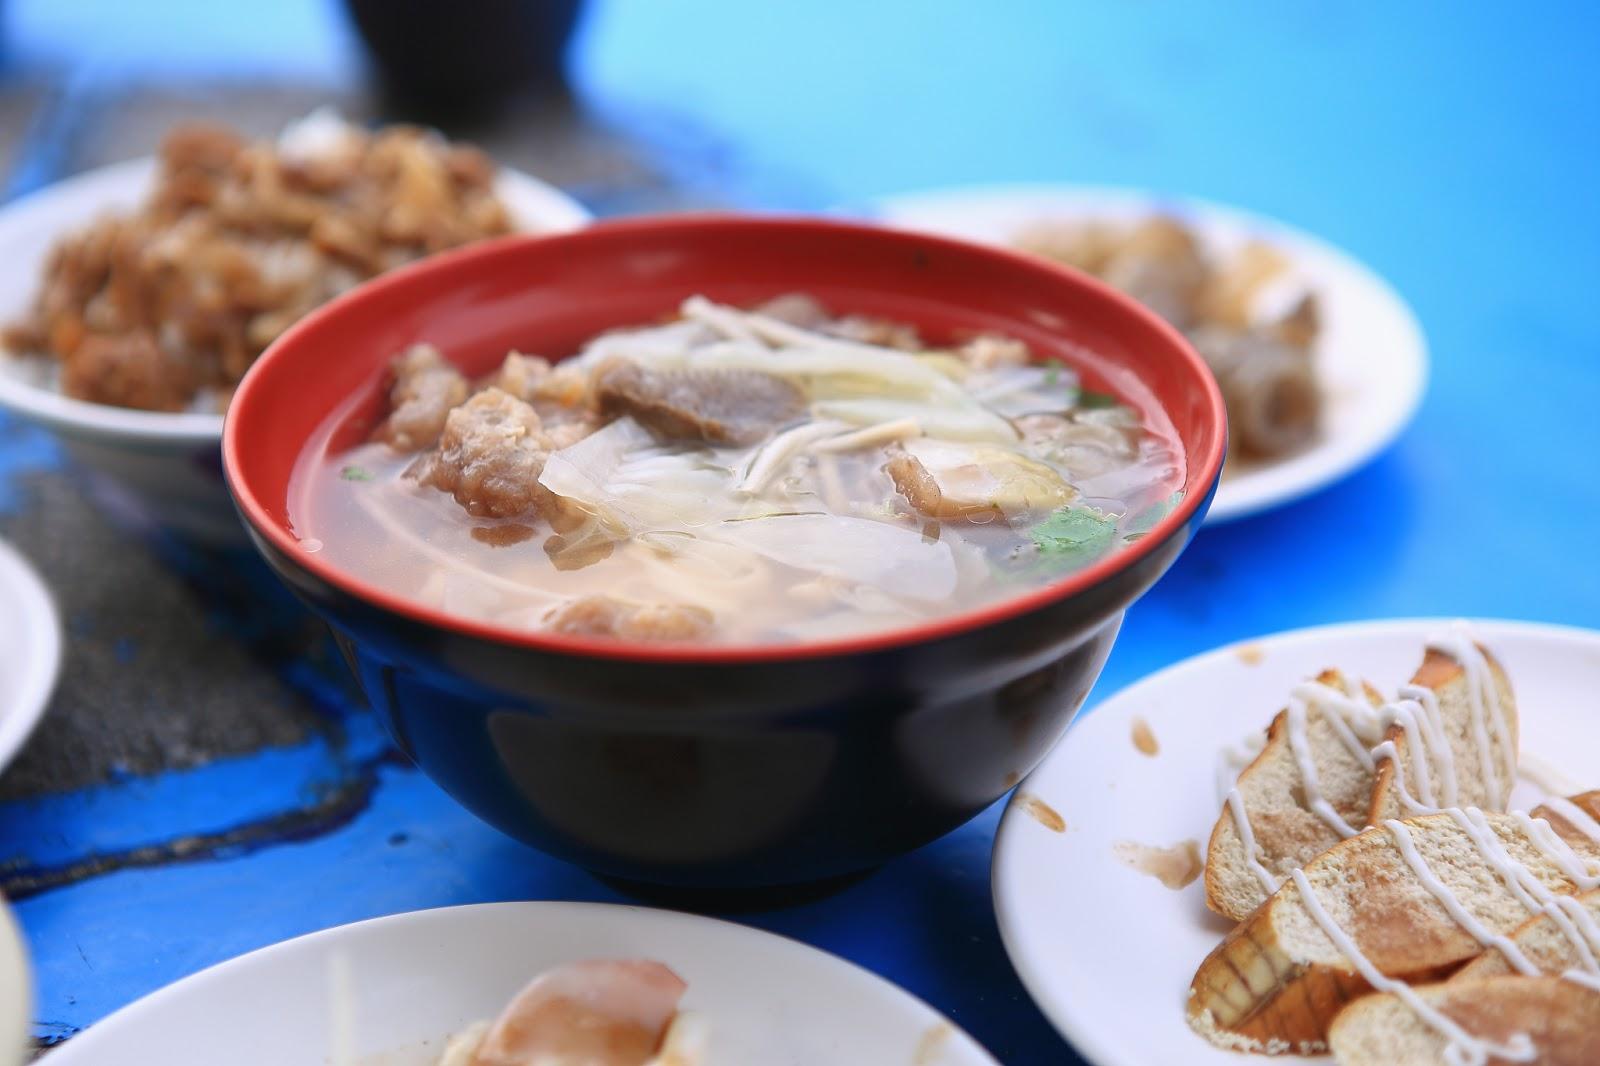 阿華鯊魚羹|新北瑞芳區|深澳漁港裡的新鮮海味小吃店 - 小食日記